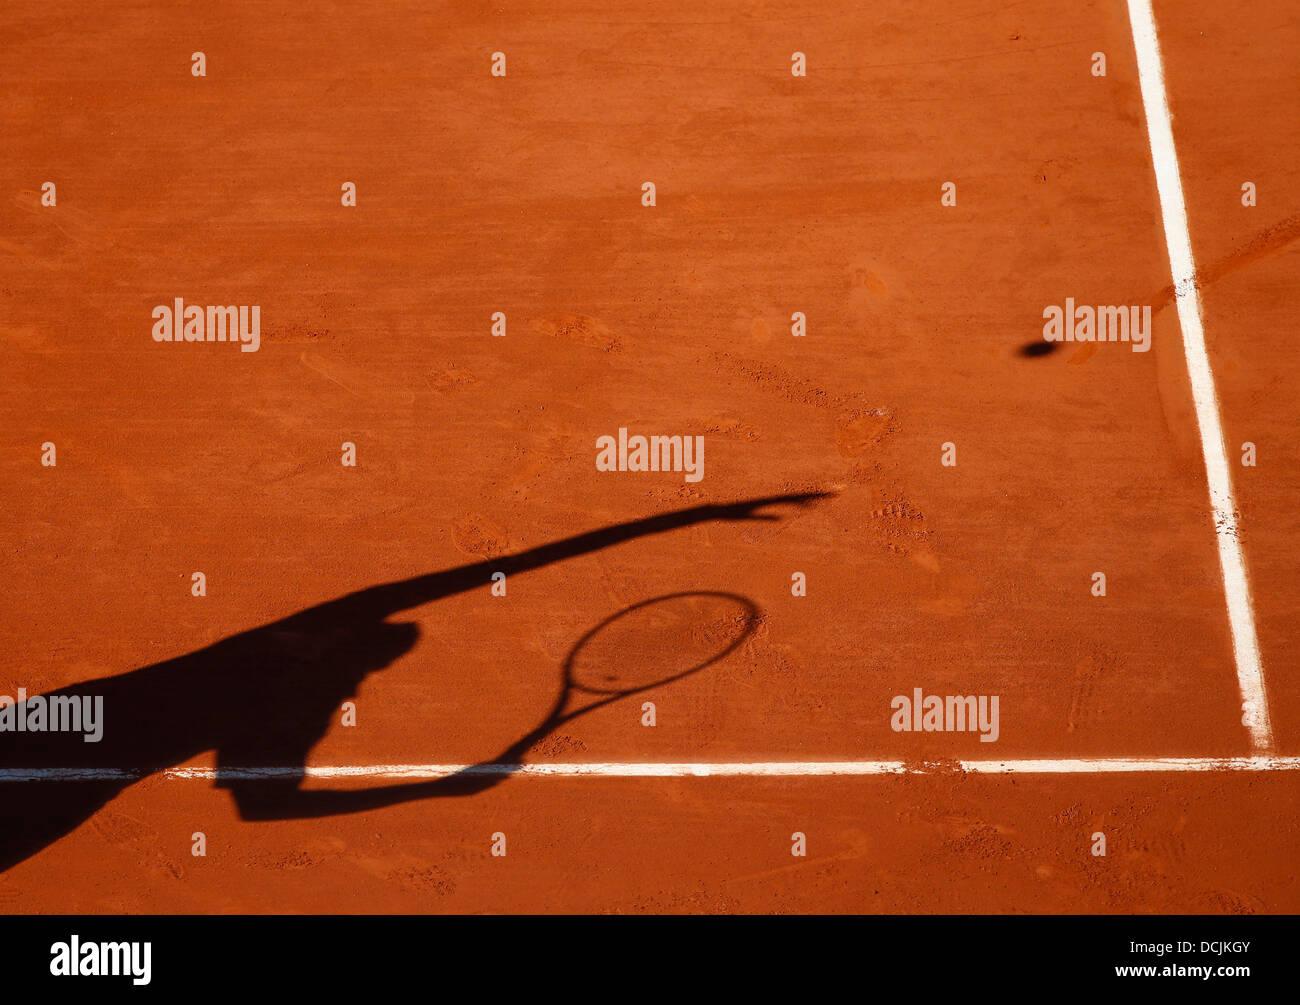 Sombra de un jugador de tenis que sirve la bola. Imagen De Stock